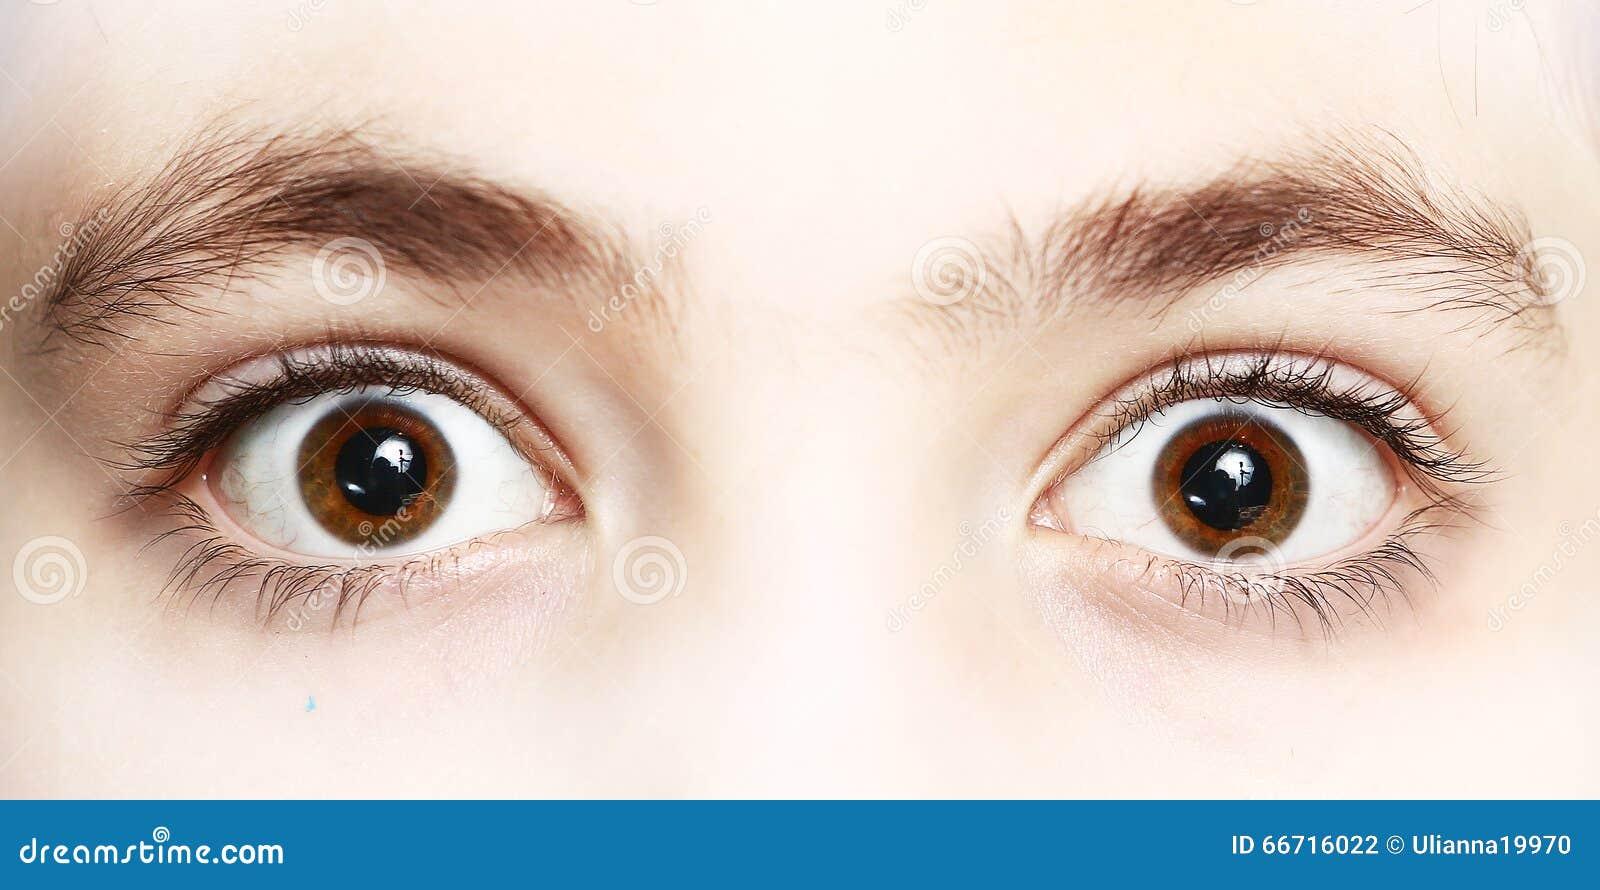 Κλείστε επάνω τη φωτογραφία των ματιών αγοριών ευρέως ανοικτών